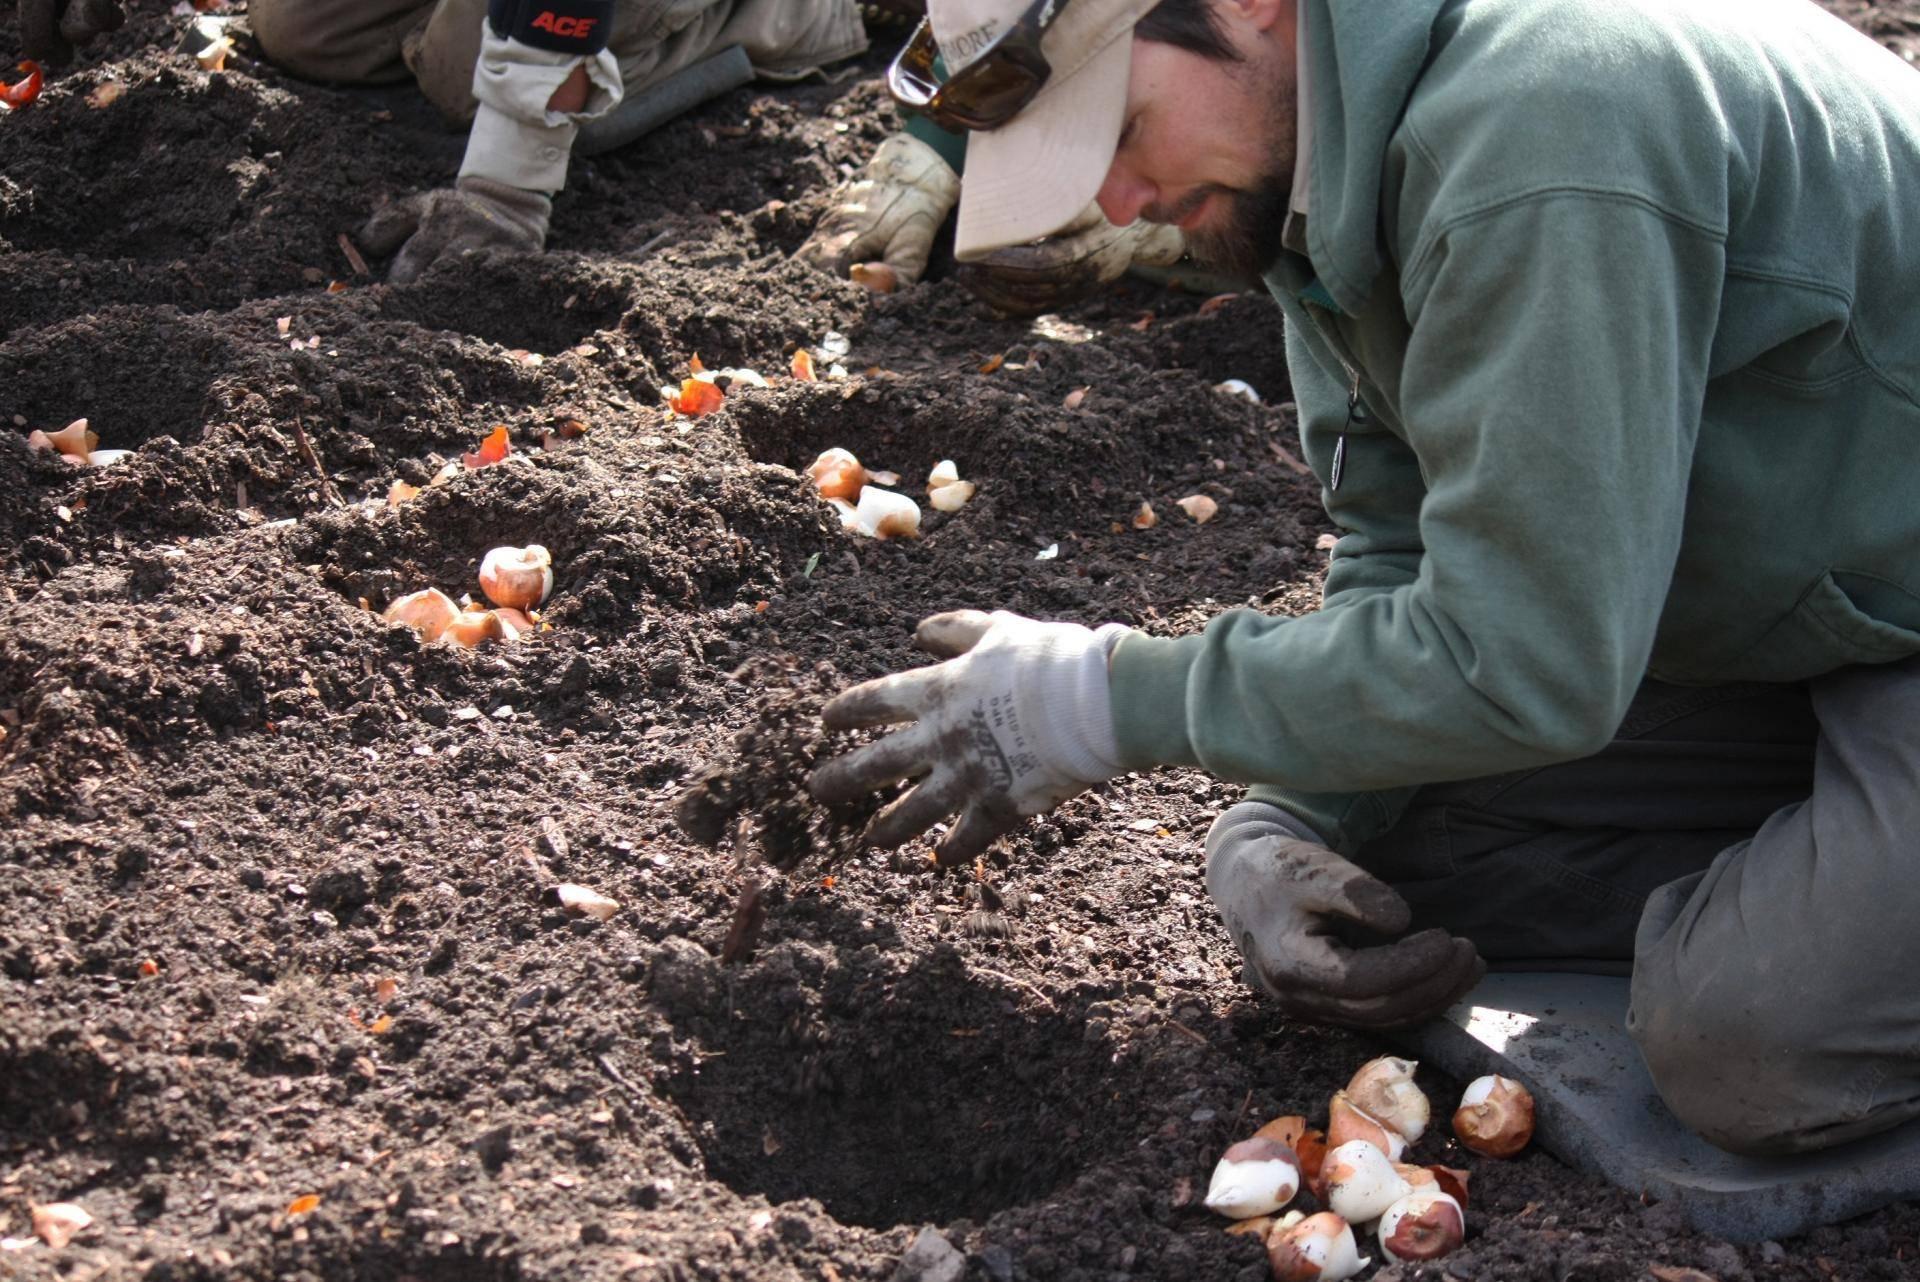 Тюльпаны – посадка осенью в открытый грунт, как и когда сажать тюльпаны под зиму; подготовка тюльпанов к зимовке